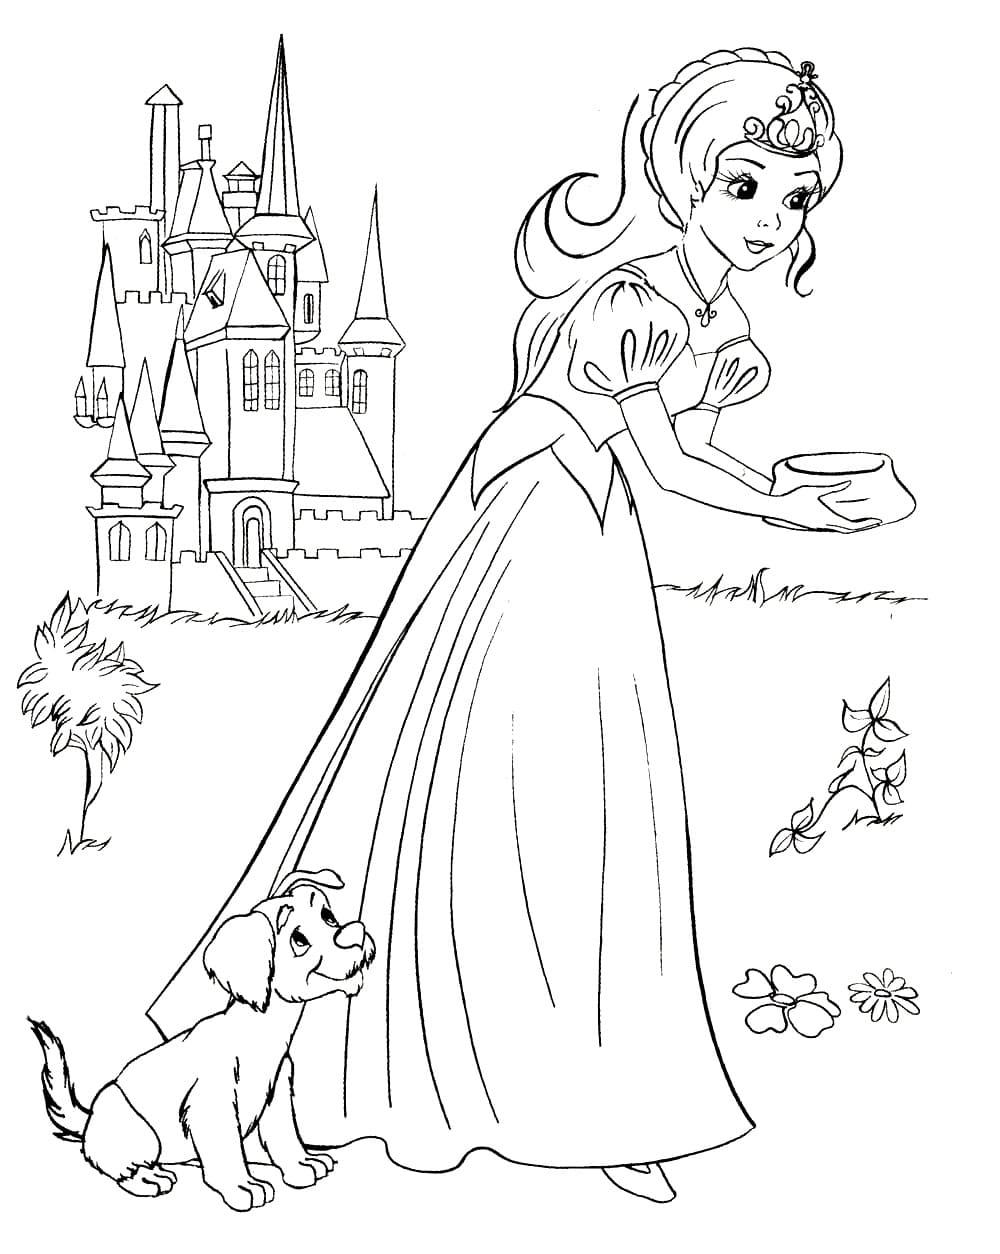 Раскраски для девочек 8 лет - сказки